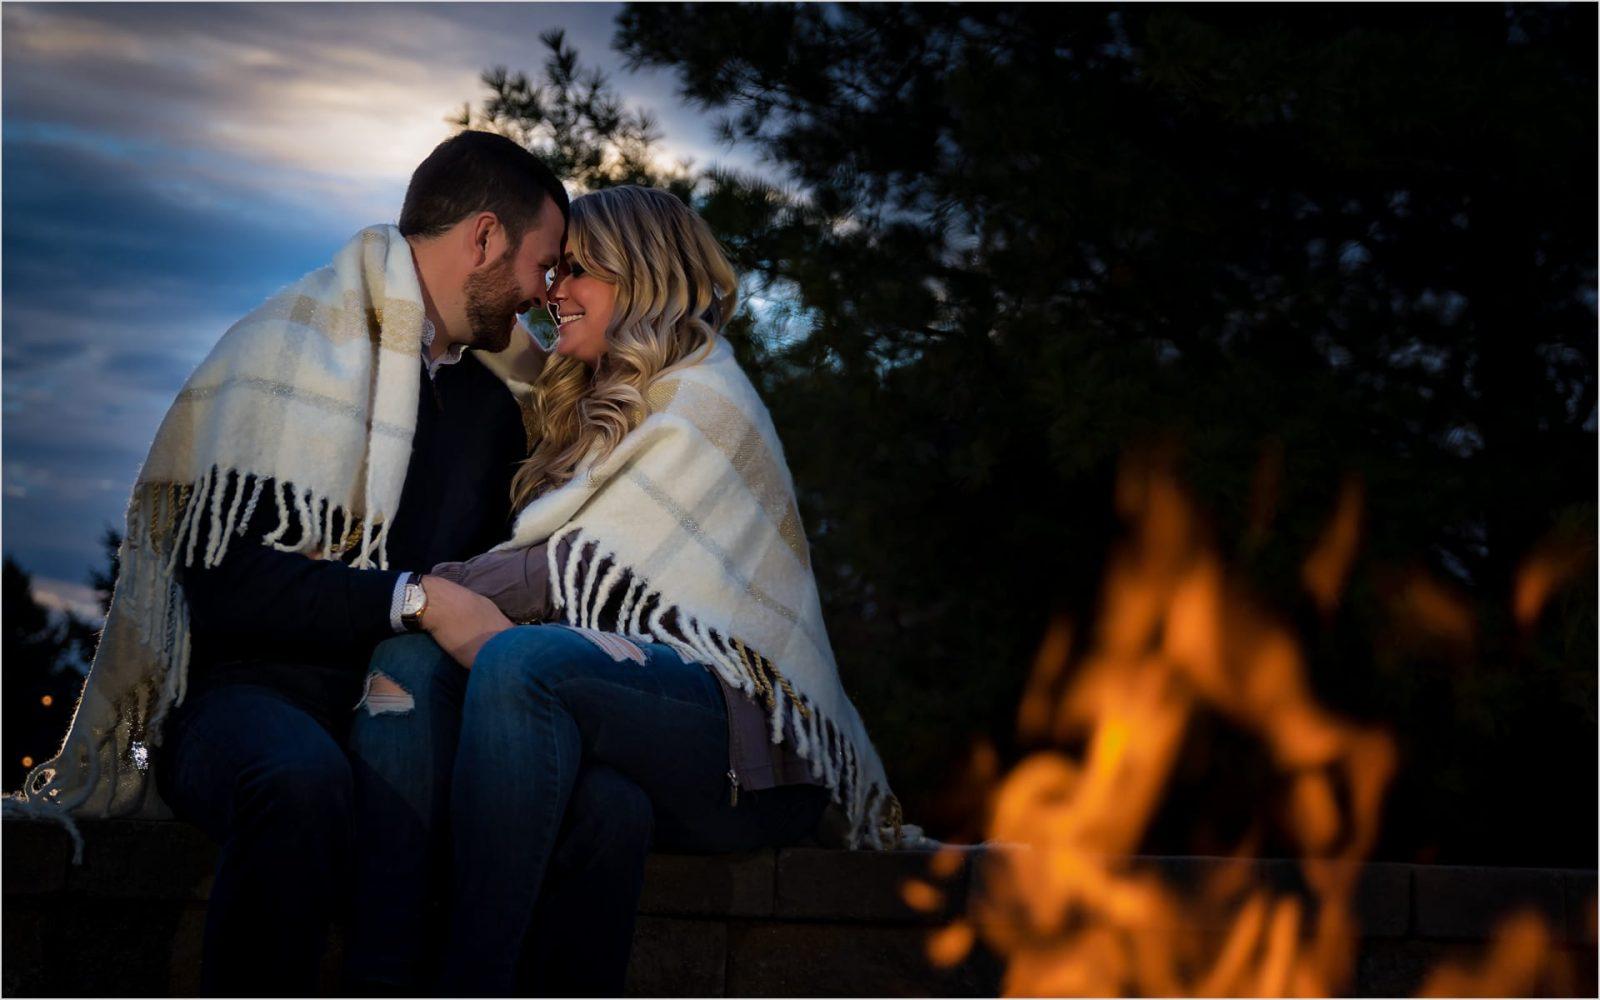 Dayton Engagement Photographer, Firepit, engagement Couple, Sunset engagement